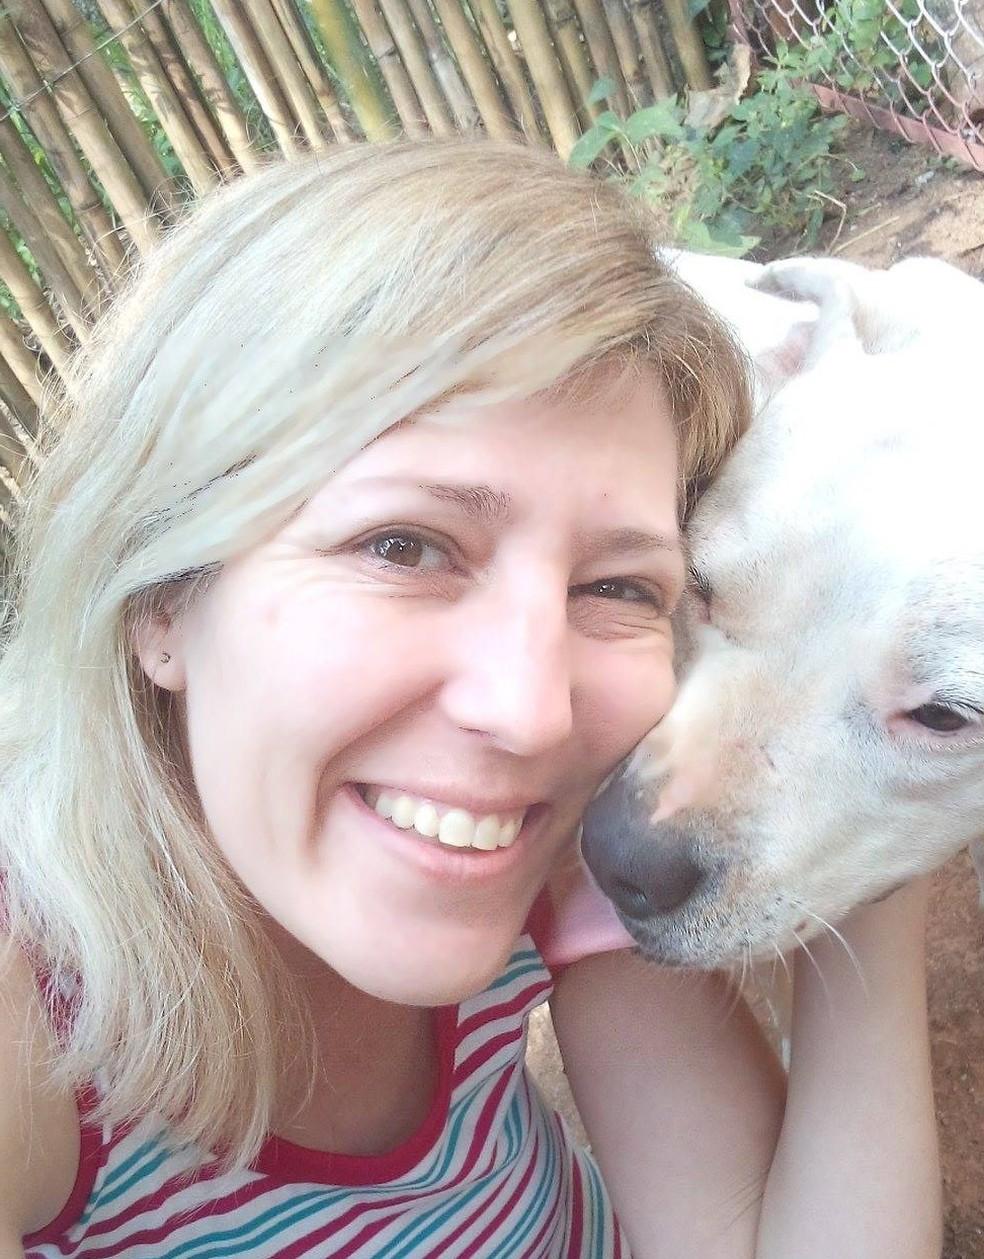 Vítima é cuidadora de animais e acolhe cães em São Roque (Foto: Arquivo pessoal)